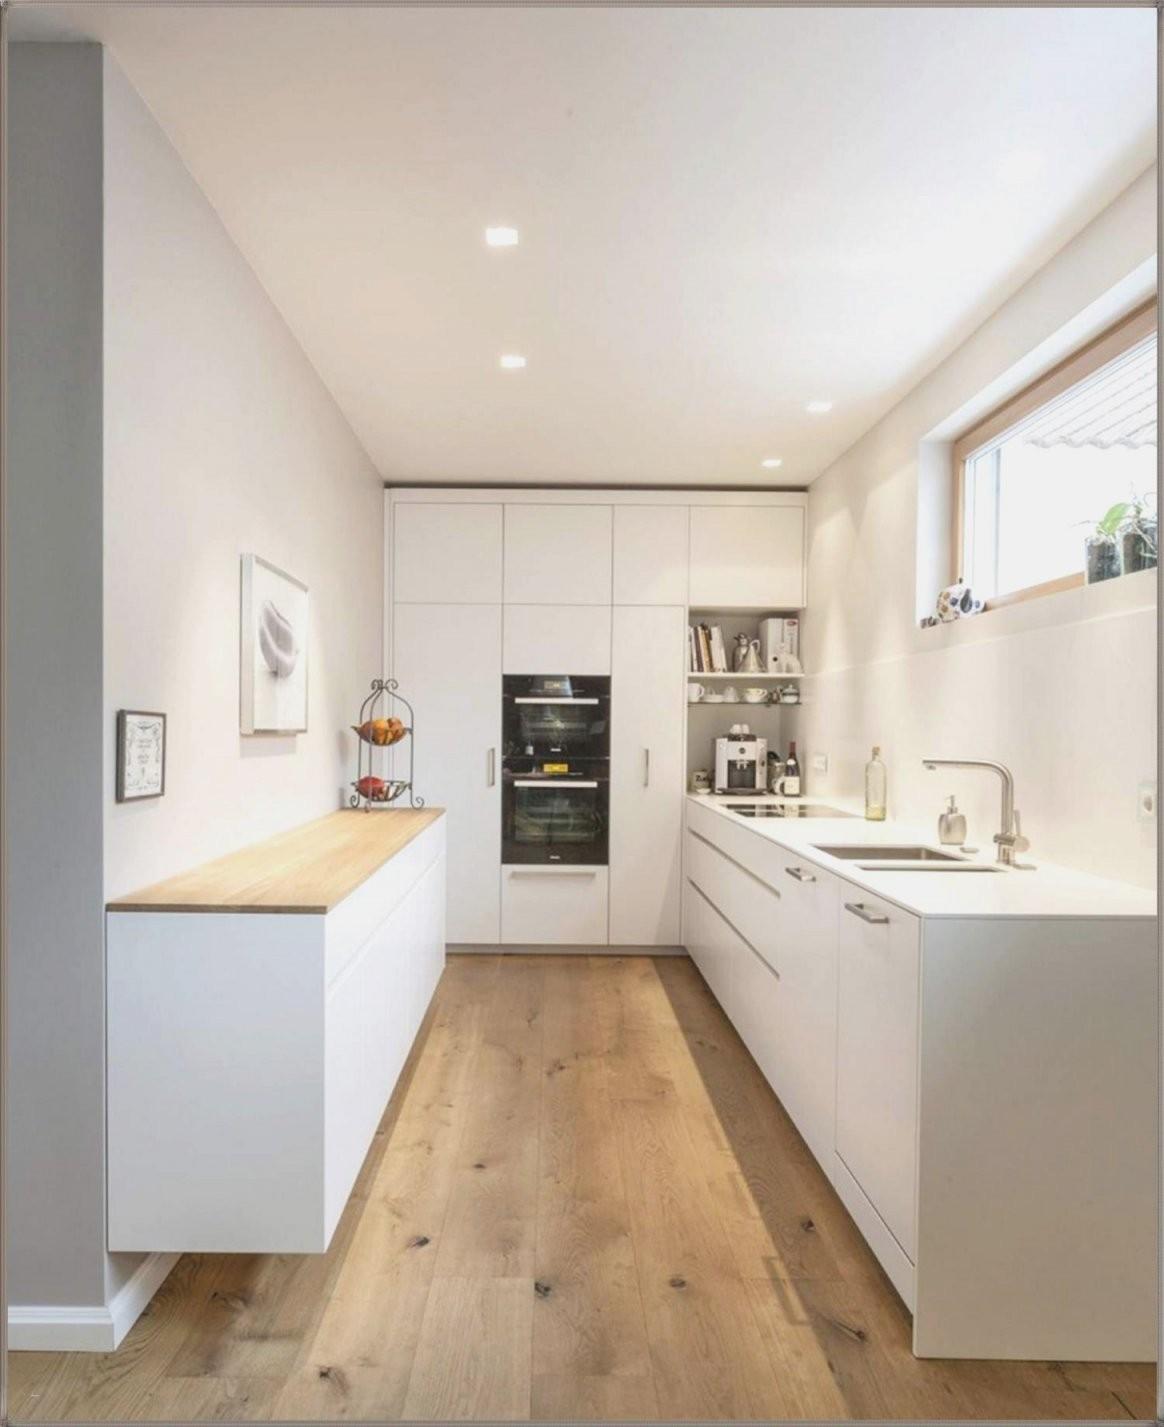 Theke Selber Bauen Ytong – Rangelandnews – Haus Design Informationen von Theke Selber Bauen Ytong Photo